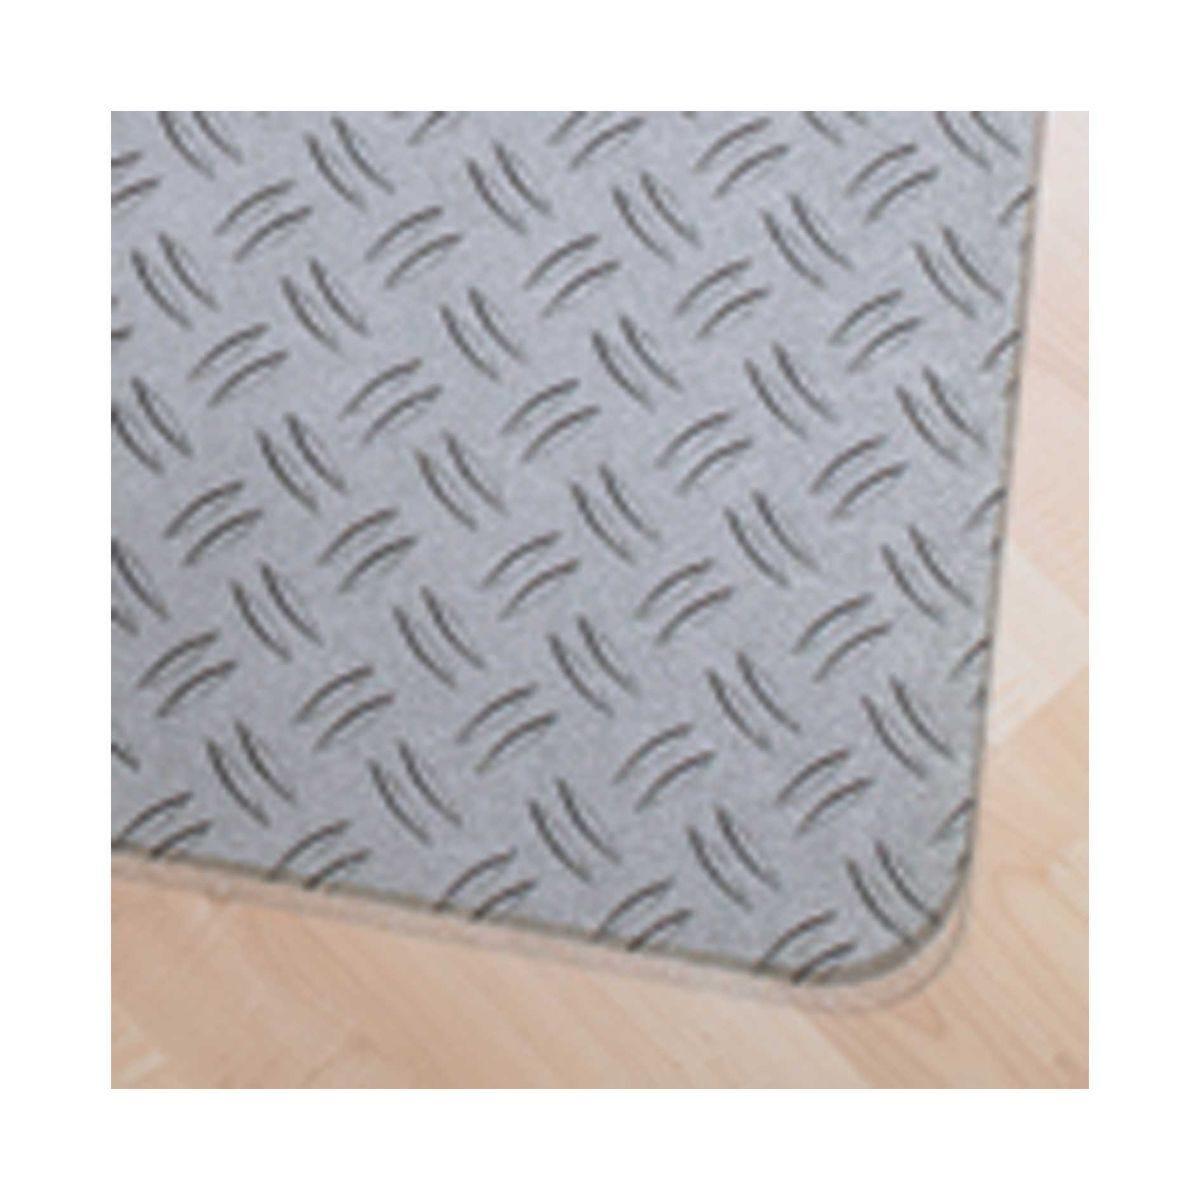 Colortex Ultimate Floor Mat Ripple Design Rectangular Shape 120cm x 90cm